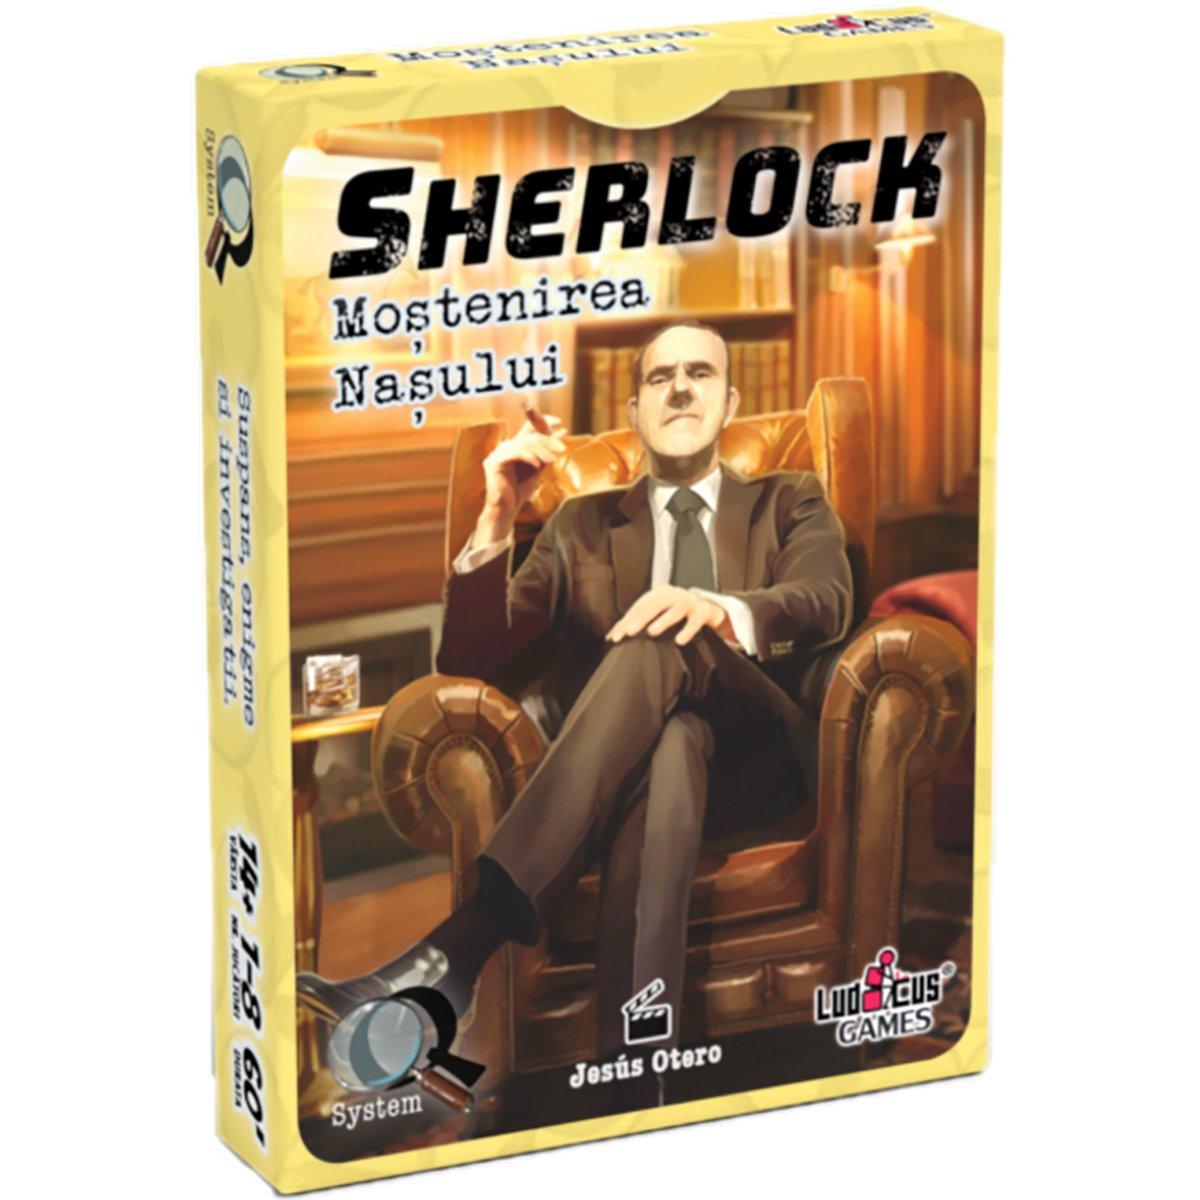 Joc de societate Enigma Studio, Sherlock, Q4 Monstenirea Nasului